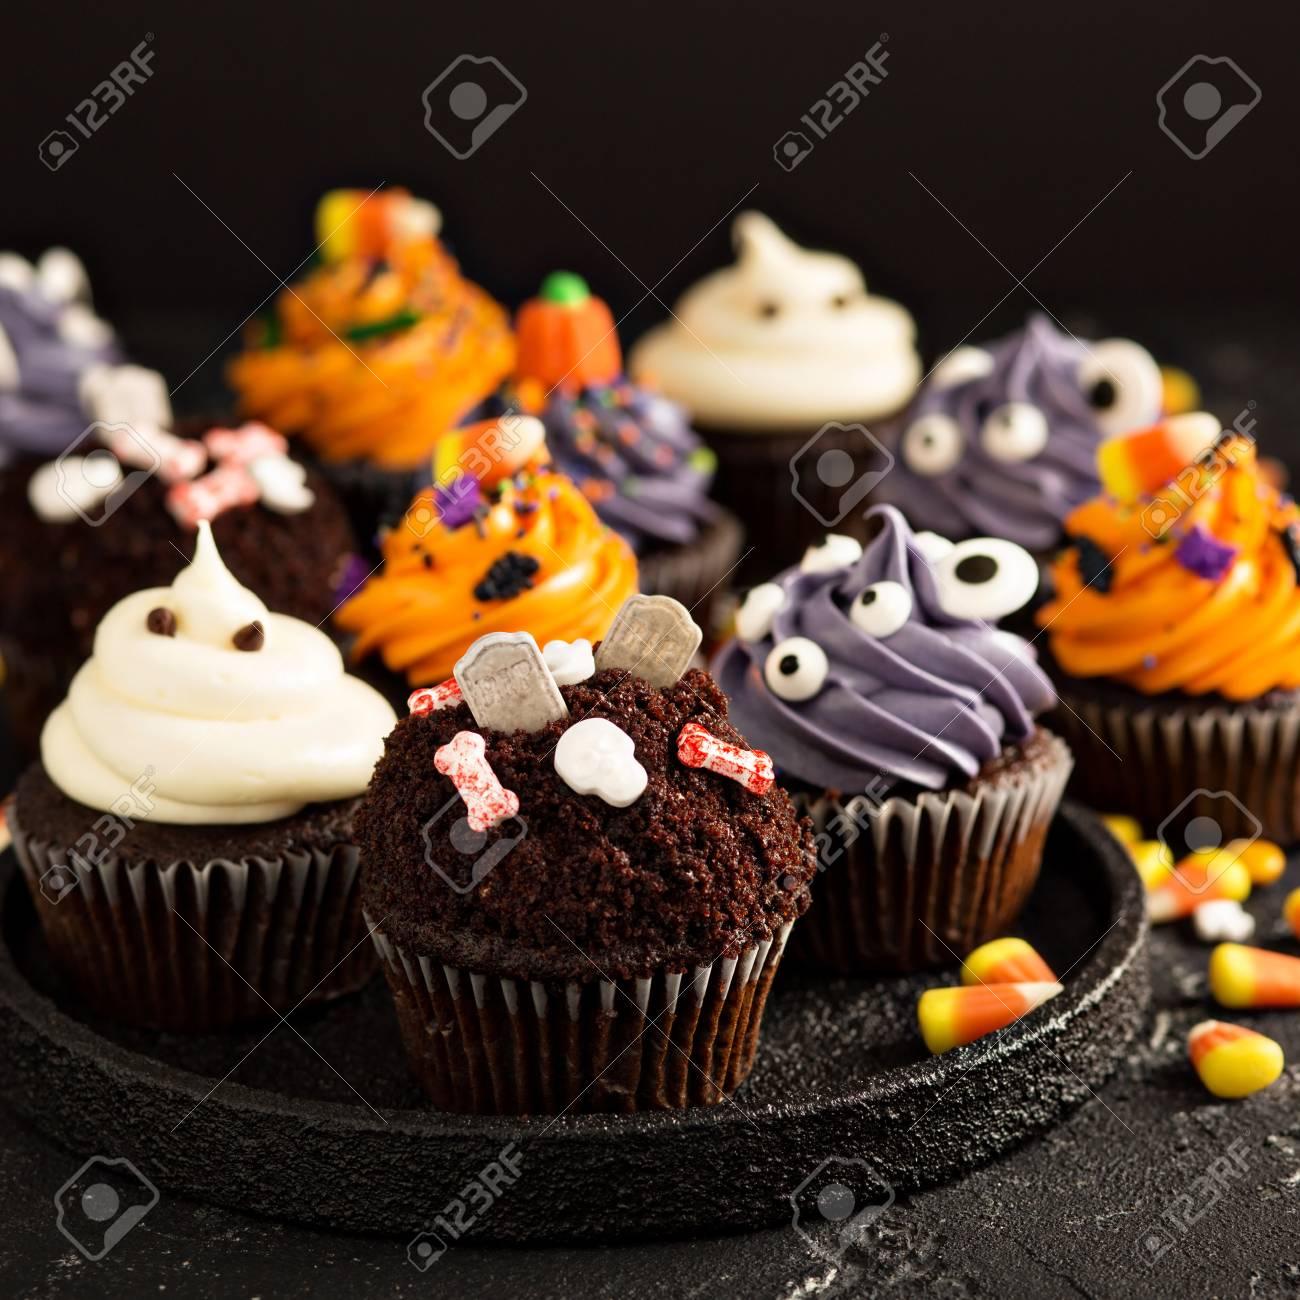 Festliche Halloween Cupcakes Und Leckereien Mit Streuseln Und